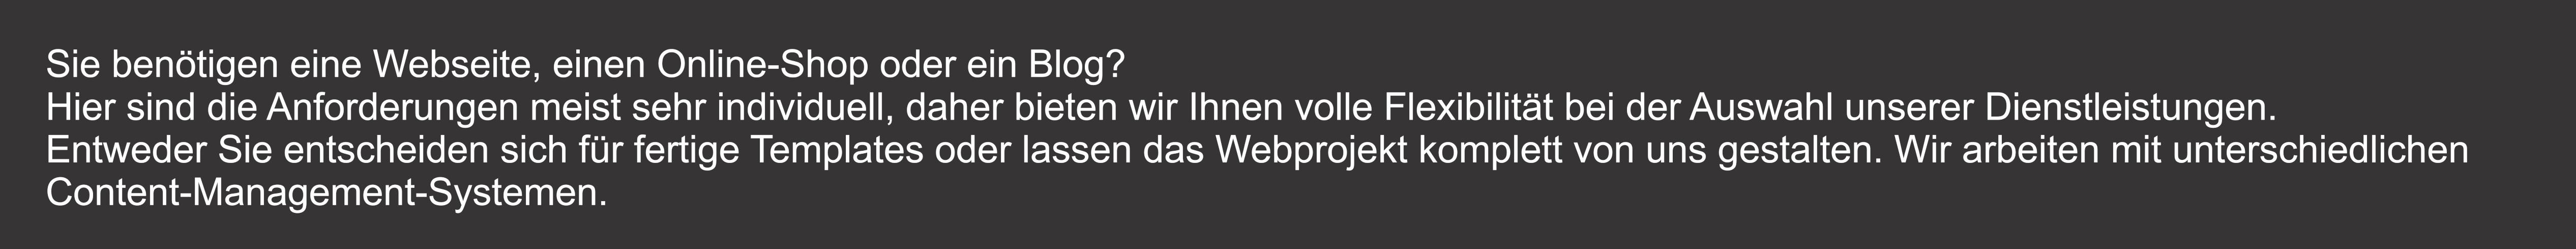 Text Web